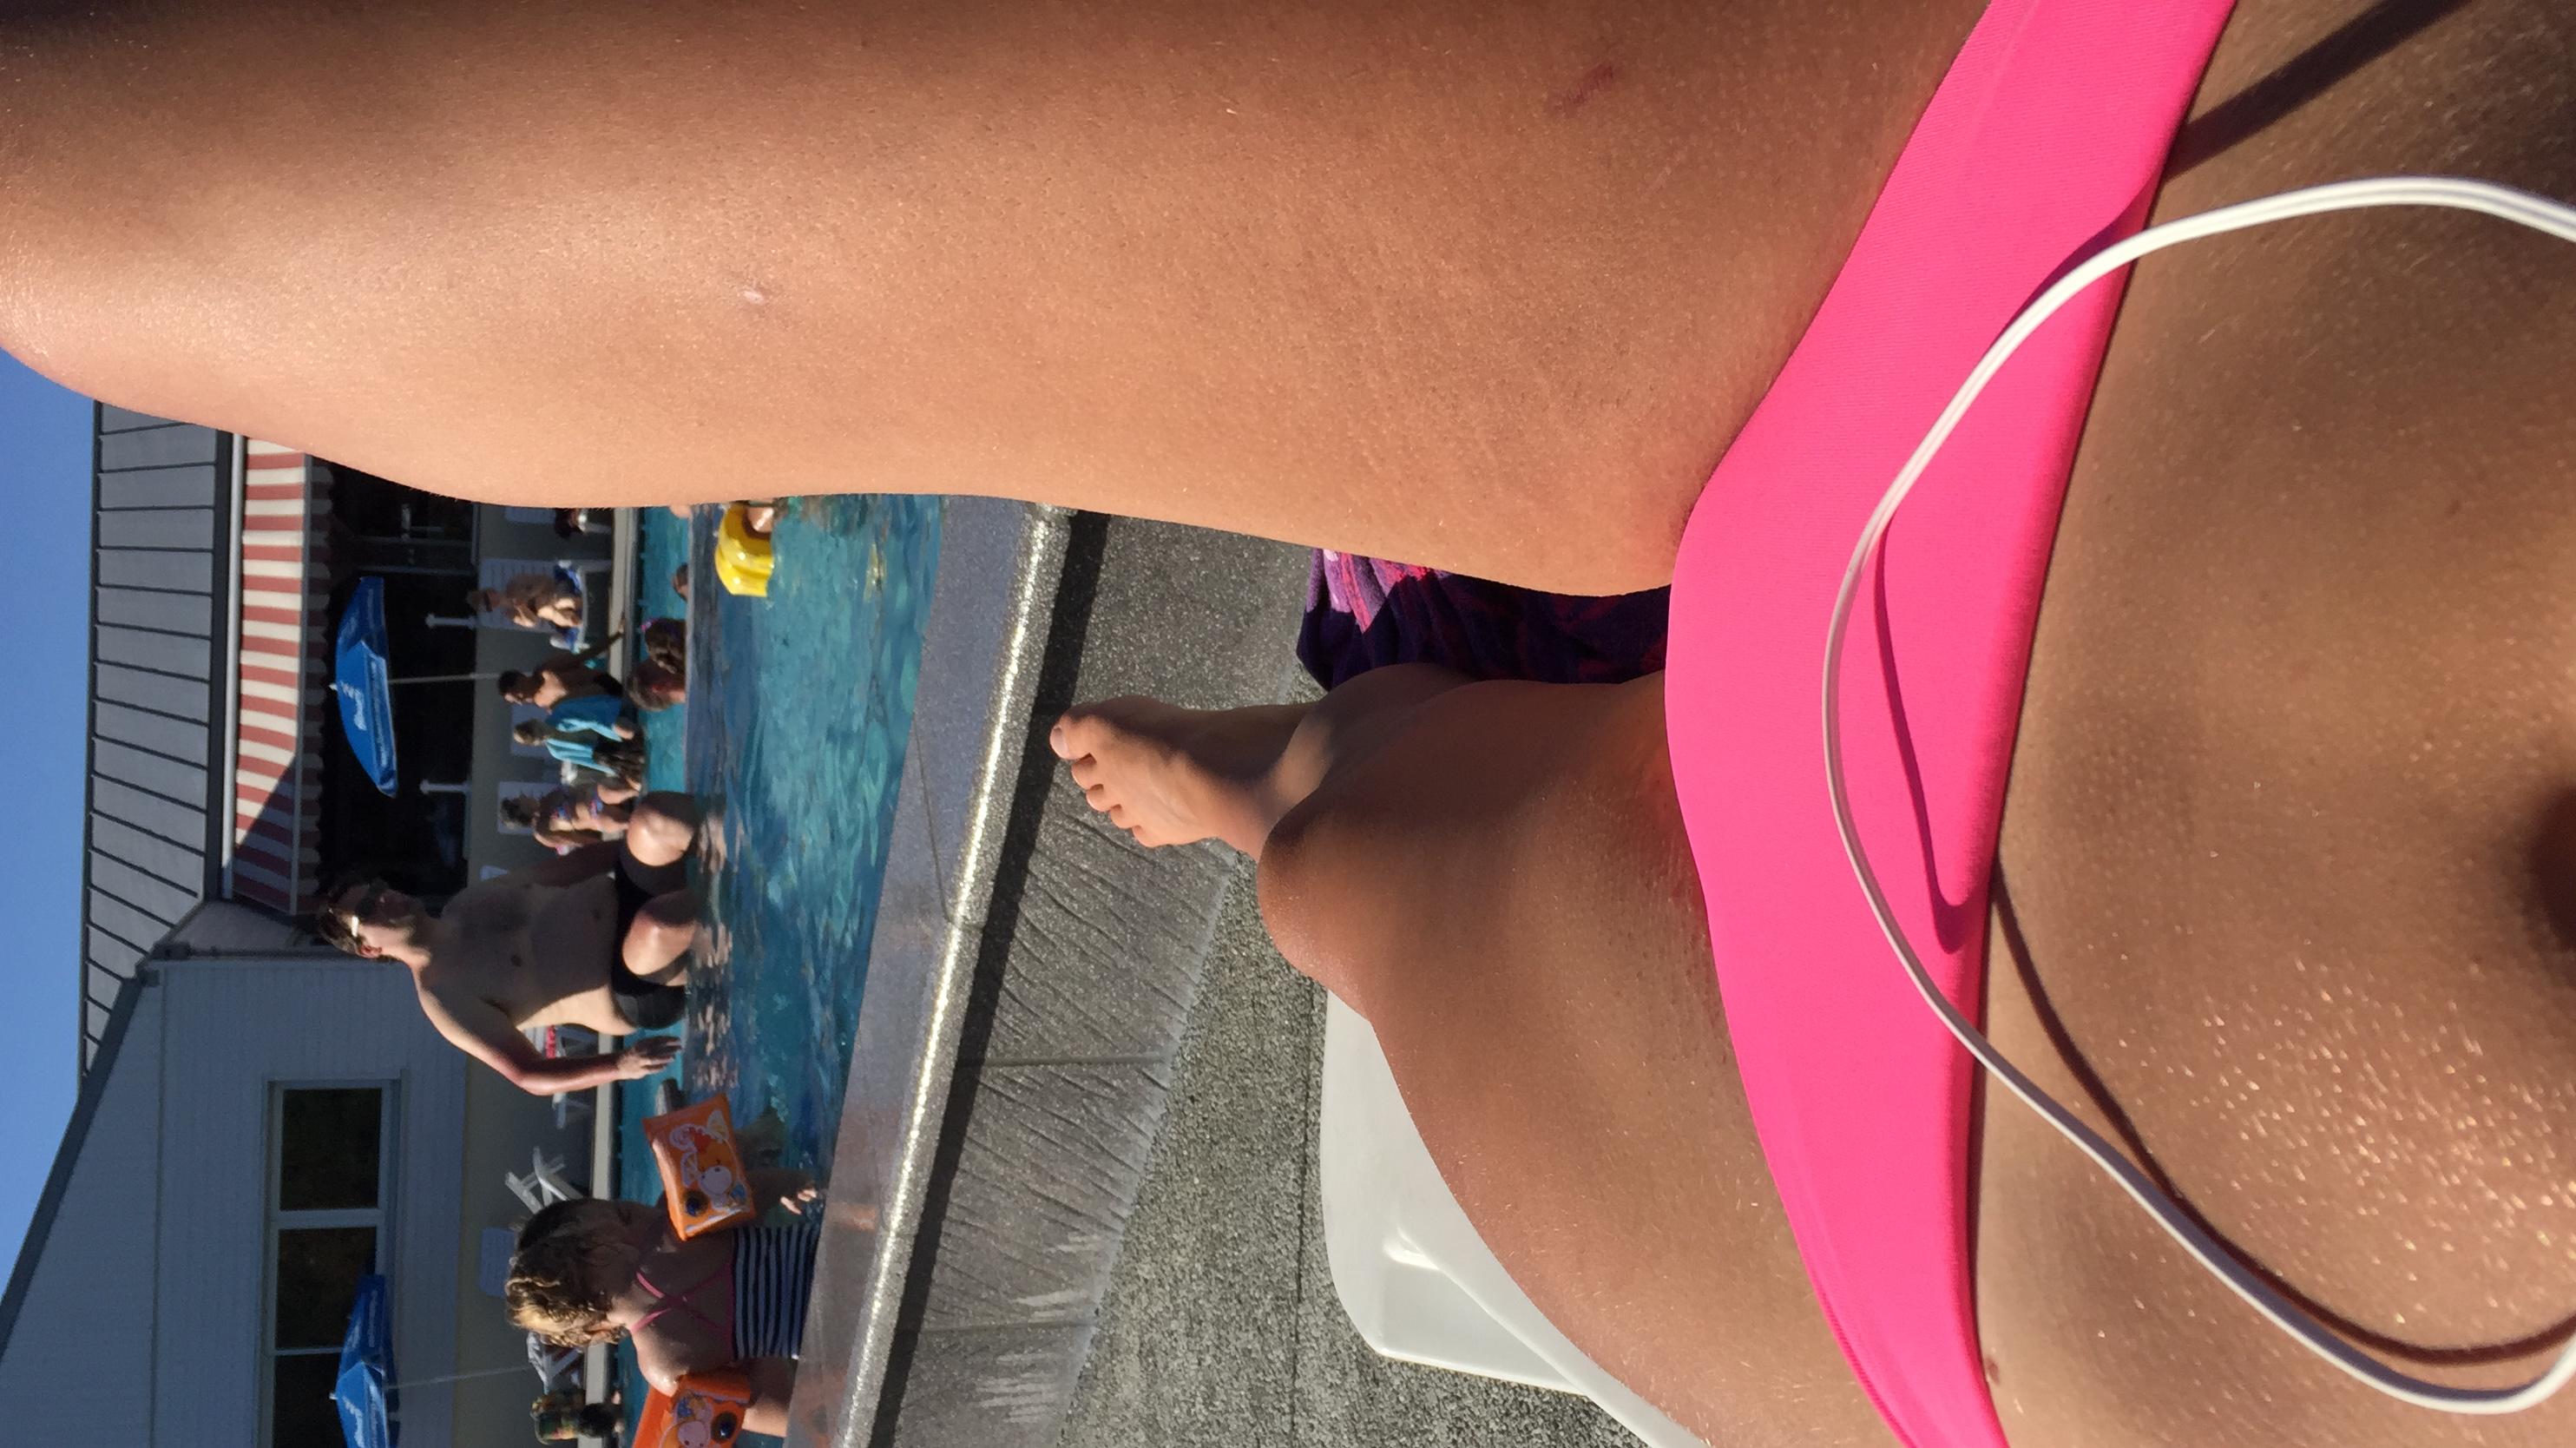 Zonnen, zwemmen, zonnen en nog meer zwemmen!